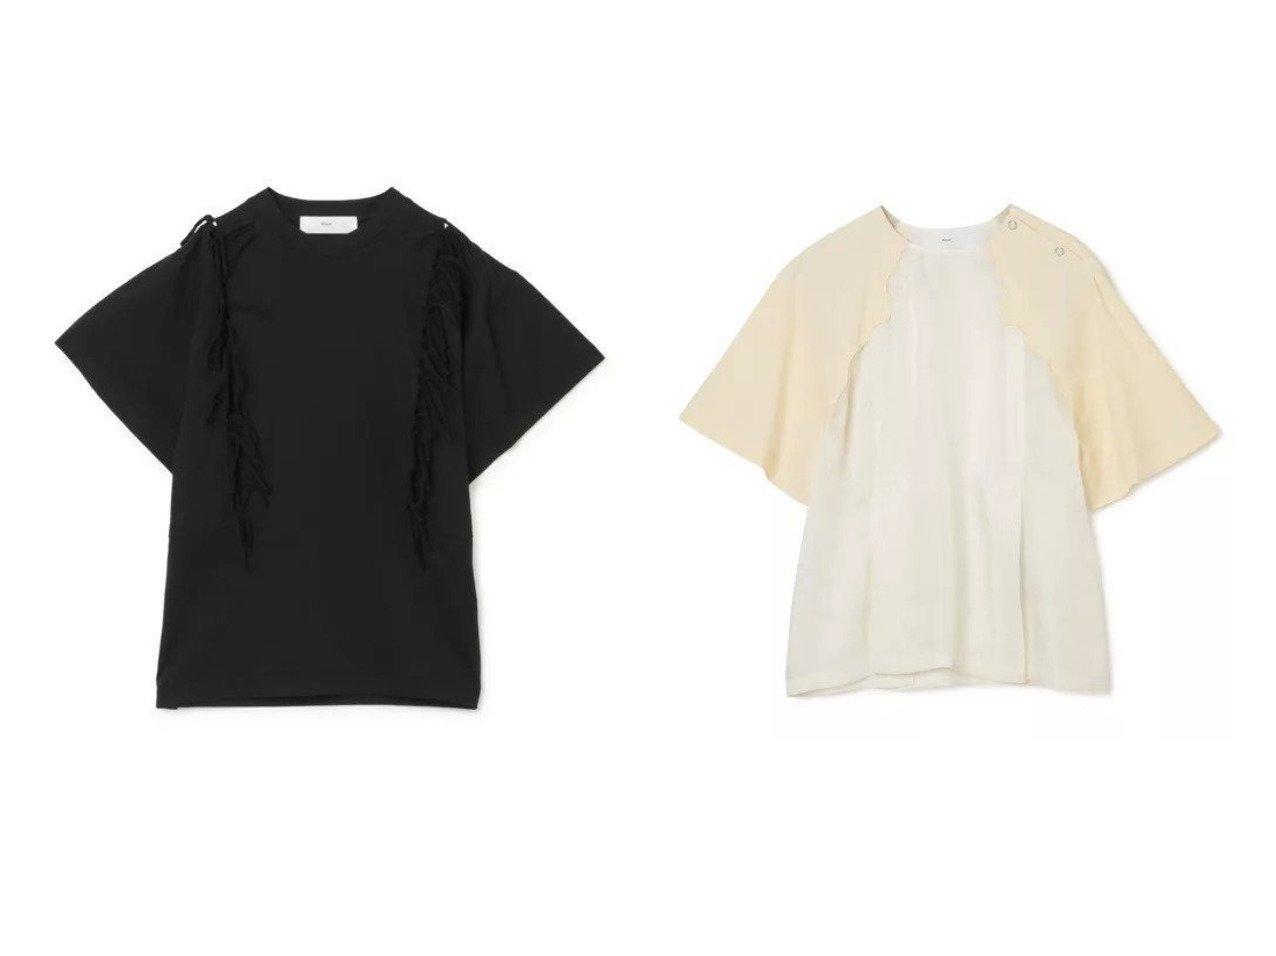 【TOGA PULLA/トーガ プルラ】のFringe jersey T-shirt&Rayon twill western top おすすめ!人気、トレンド・レディースファッションの通販  おすすめで人気の流行・トレンド、ファッションの通販商品 メンズファッション・キッズファッション・インテリア・家具・レディースファッション・服の通販 founy(ファニー) https://founy.com/ ファッション Fashion レディースファッション WOMEN トップス・カットソー Tops/Tshirt シャツ/ブラウス Shirts/Blouses ロング / Tシャツ T-Shirts カットソー Cut and Sewn 2021年 2021 2021春夏・S/S SS/Spring/Summer/2021 S/S・春夏 SS・Spring/Summer カットソー ジャージー フォルム フリンジ 半袖 洗える ウエスタン キュプラ コンビ スリーブ |ID:crp329100000026022